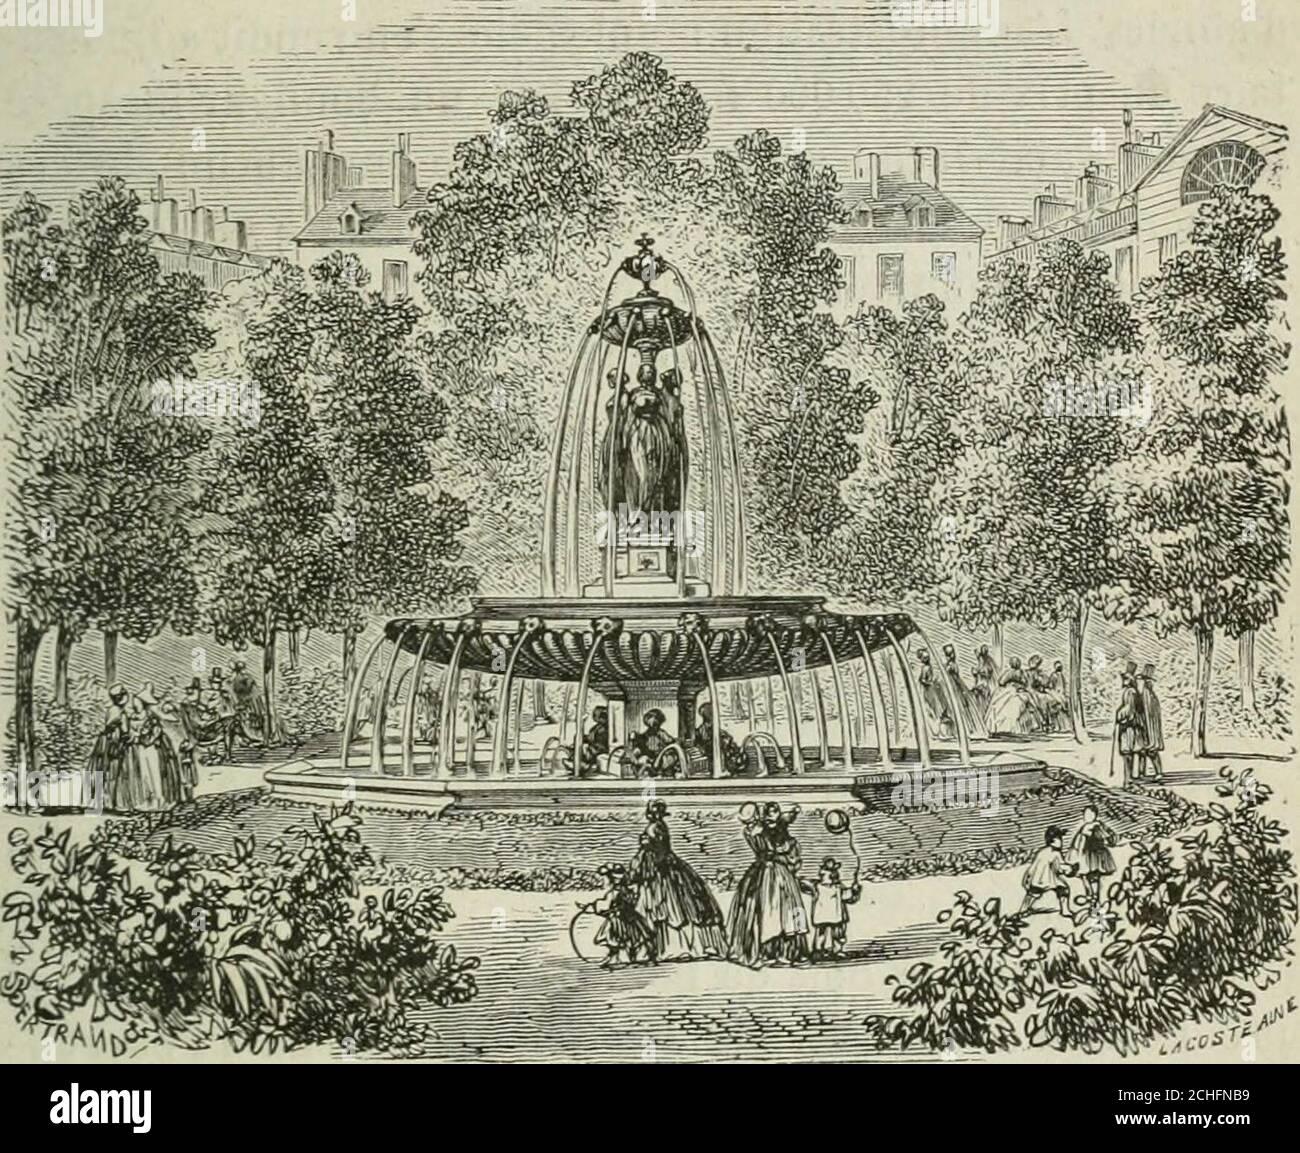 . Les merveilles du nouveau Paris-- . levard Malesherbes, il fut considérable-ment amoindri, mais ce qui en est resté a été embelli avecbeaucoup de goût. Les nombreuses pièces deau et lesarbres magnifiques qui ornent ce parc en font une prome-nade du plus grand attrait. (V. page 73.) La plupart des squares de Paris sont fort jolis et peuventêtre considérés comme un véritable bienfait pour les ha-bitations environnantes. Les principaux sont ceux de la place Louvois; des Inno-cents, établi sur lemplacement de lancien marché des Inno-cents, et dont la fontaine, attribuée à Jean Goujon, formele pl Stock Photo